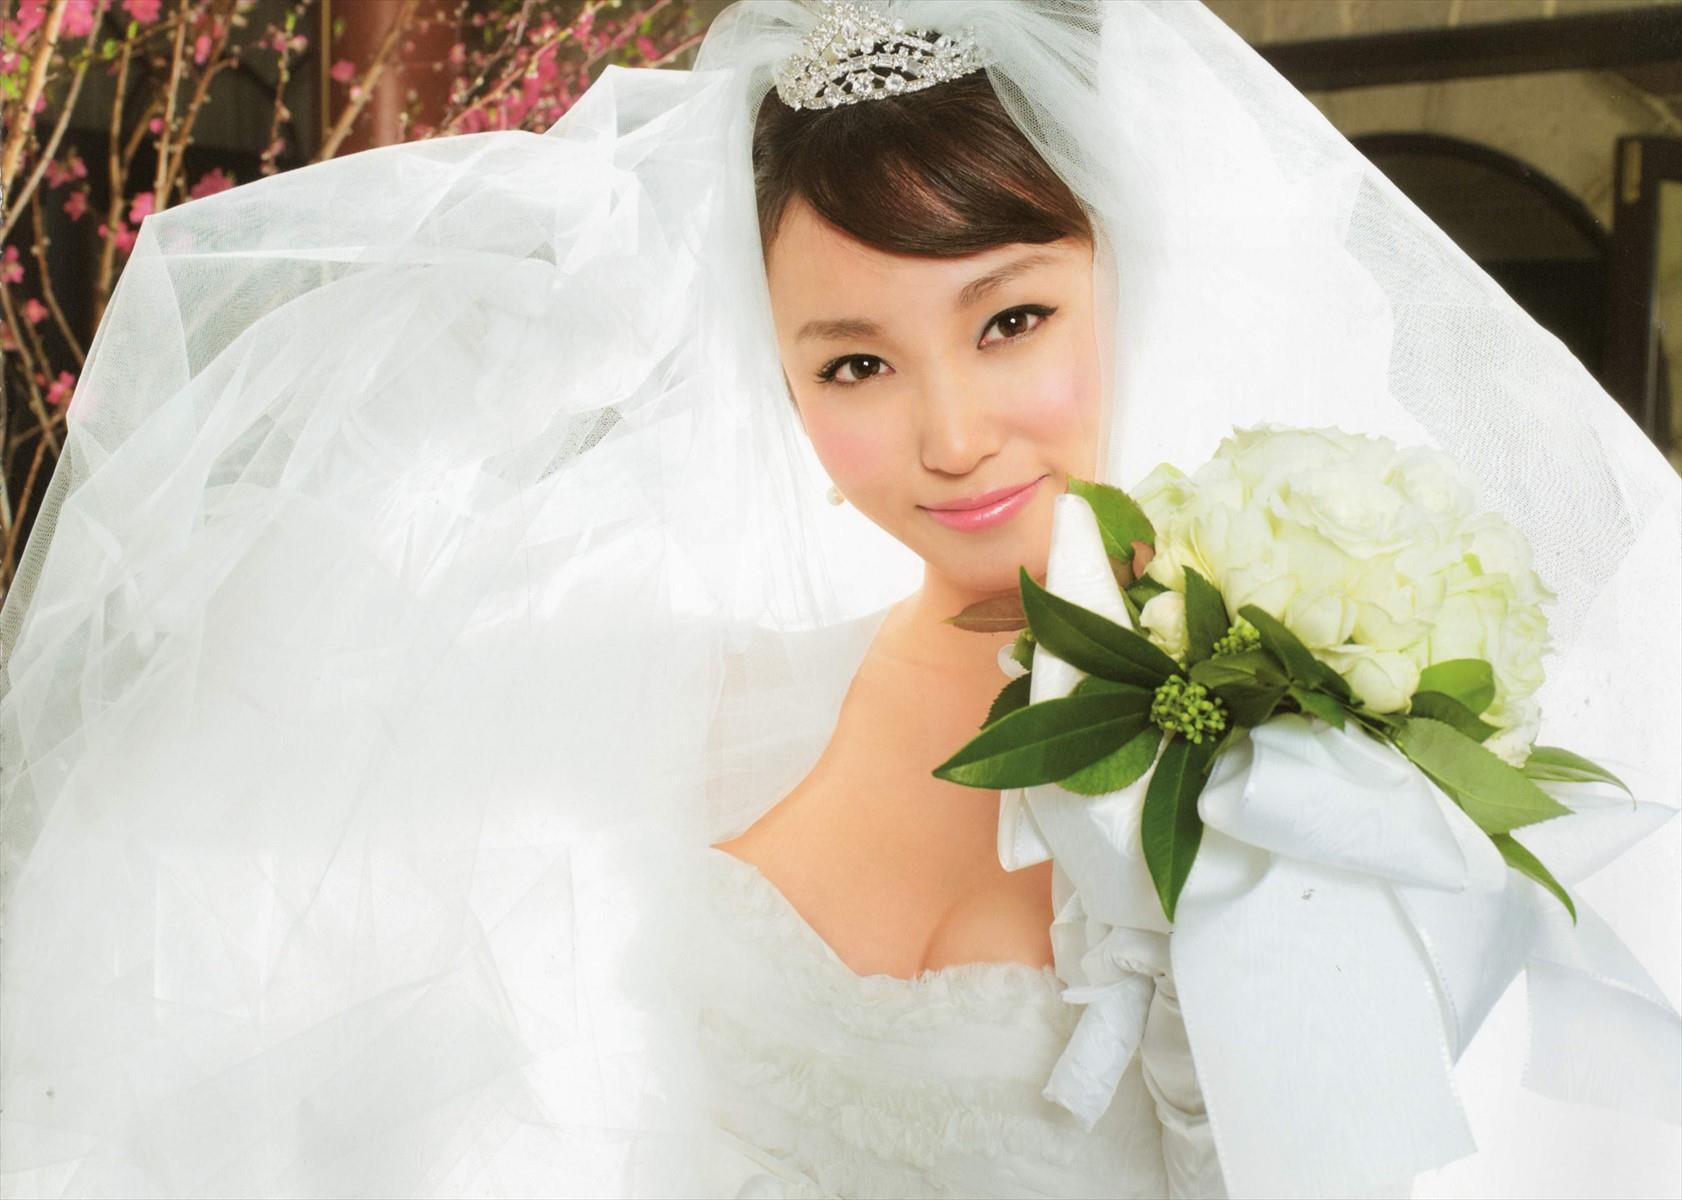 エロウエディングドレス 【おっぱい】純白のウェディングドレスに包まれた女のおっぱいが丸出し